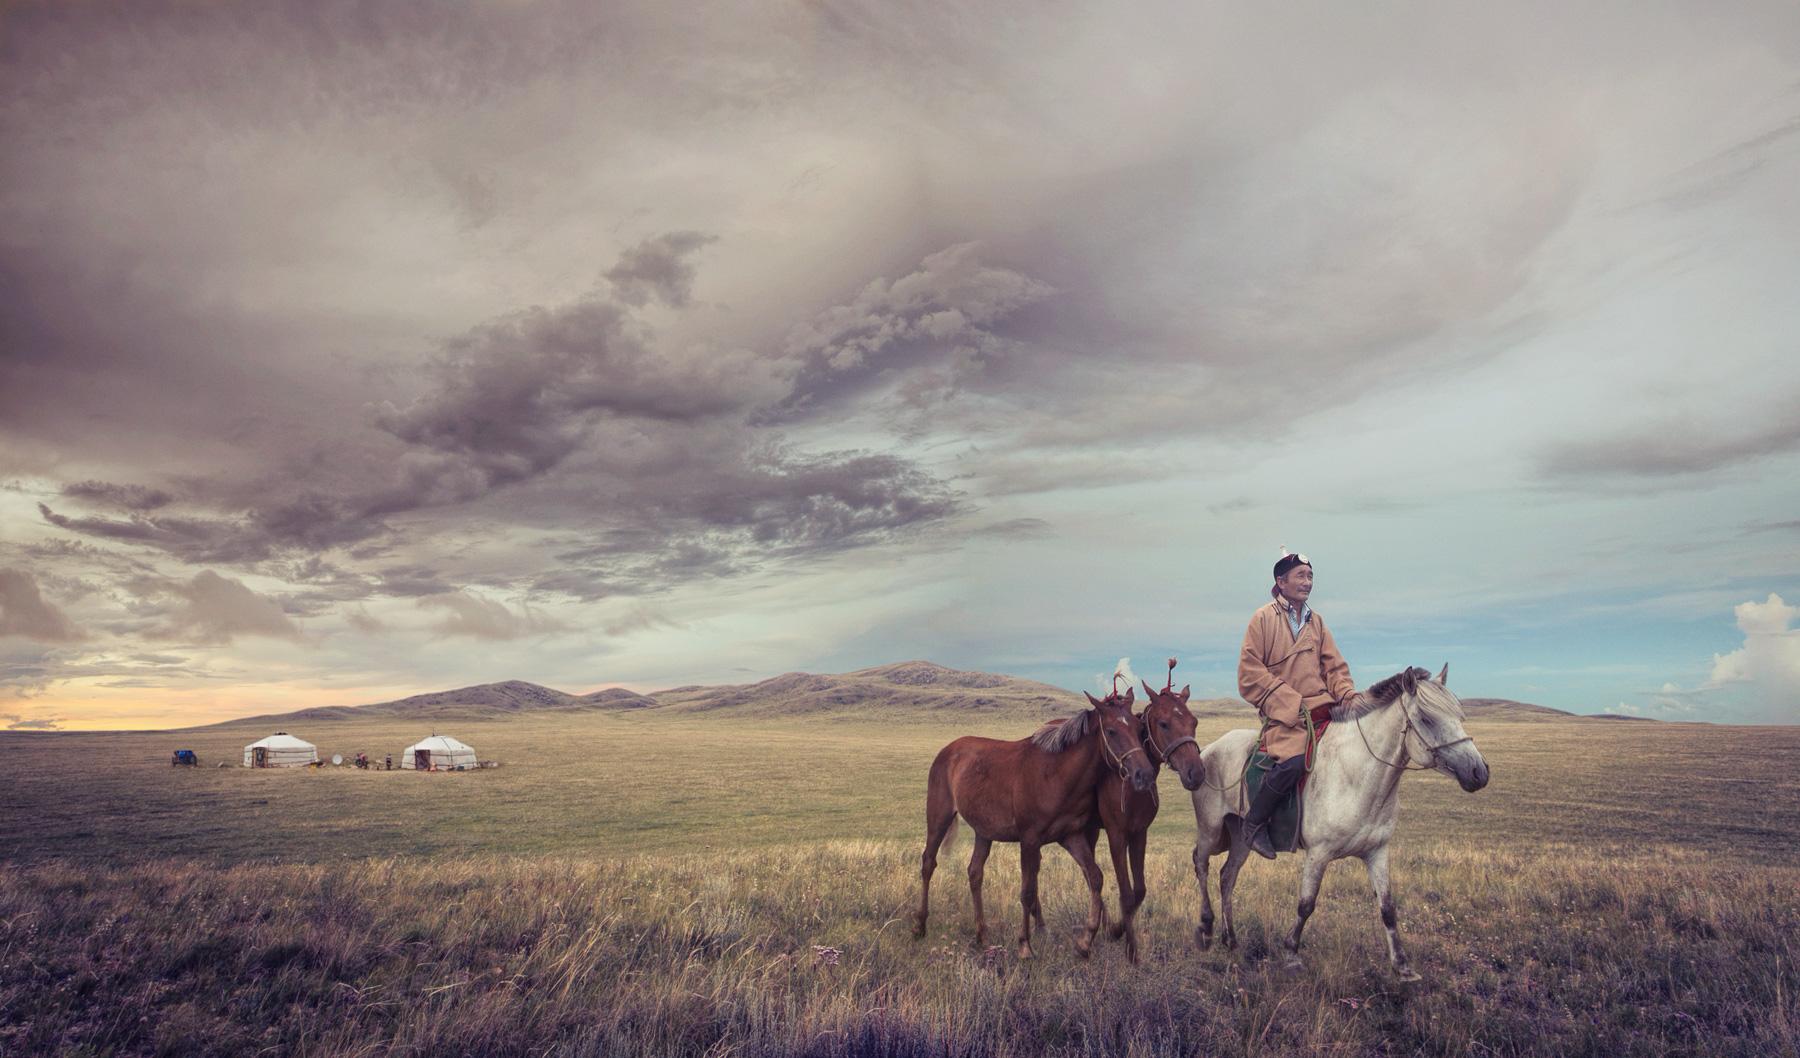 Mongolia_Horse_iii_v1.jpg